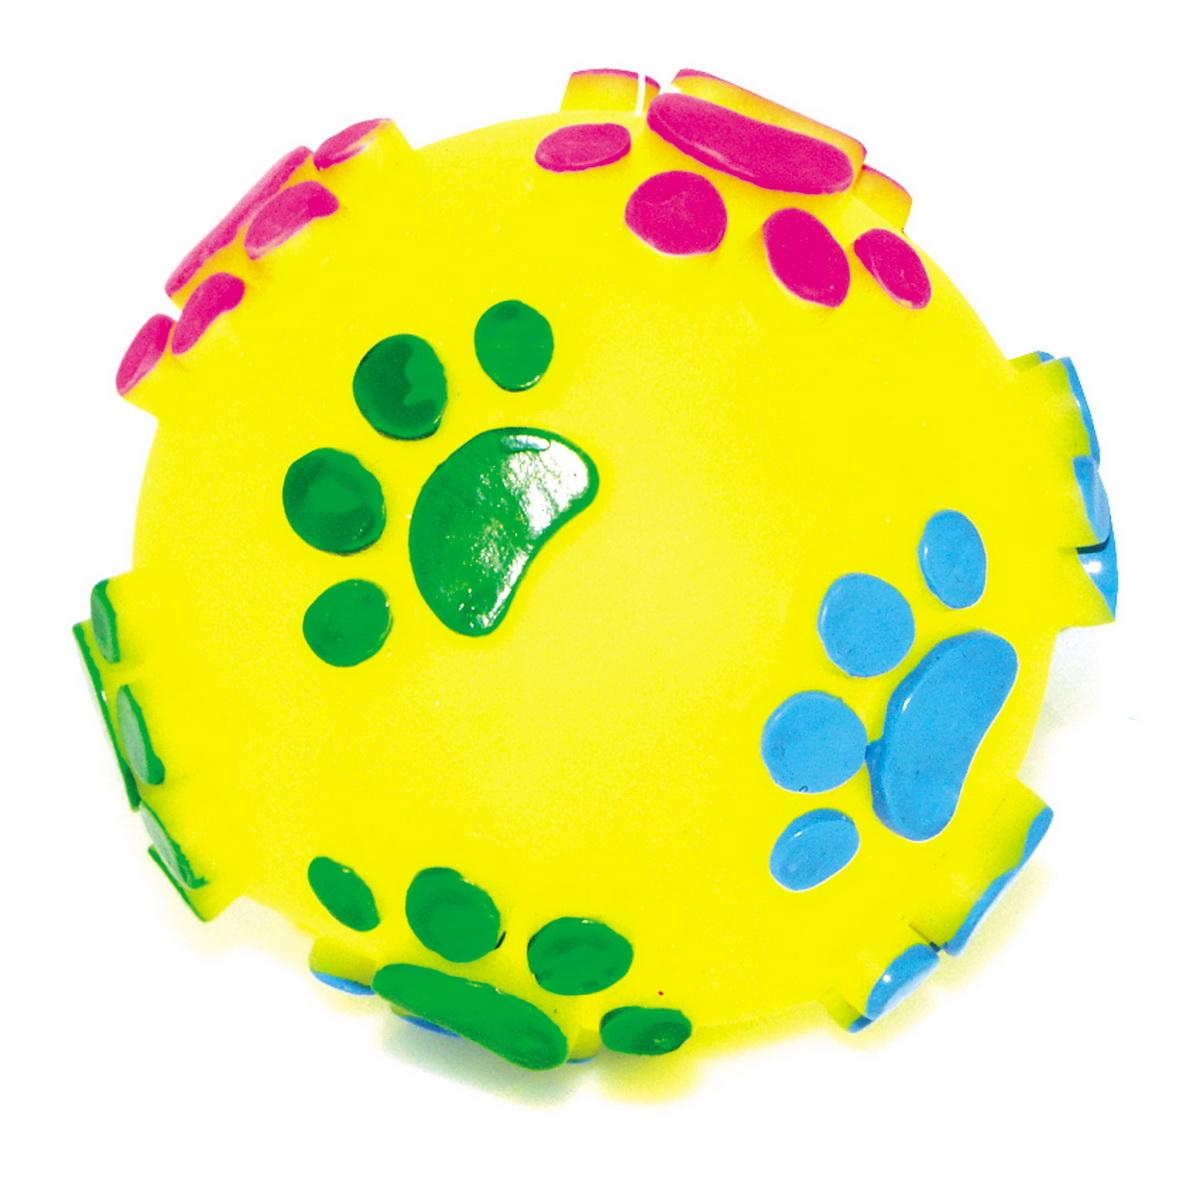 Игрушка для собак Dezzie Мяч. Большие лапы, диаметр 7,5 см5604001Игрушка для собак Dezzie Мяч. Большие лапы изготовлена из винила в виде мяча с изображением лап. Такая игрушка практична, функциональна и совершенно безопасна для здоровья животного. Ее легко мыть и дезинфицировать. Игрушка очень легкая, поэтому собаке совсем нетрудно брать ее в пасть и переносить с места на место. Игрушка для собак Dezzie Мяч. Большие лапы станет прекрасным подарком для неугомонного четвероногого питомца.Диаметр мяча: 7,5 см.